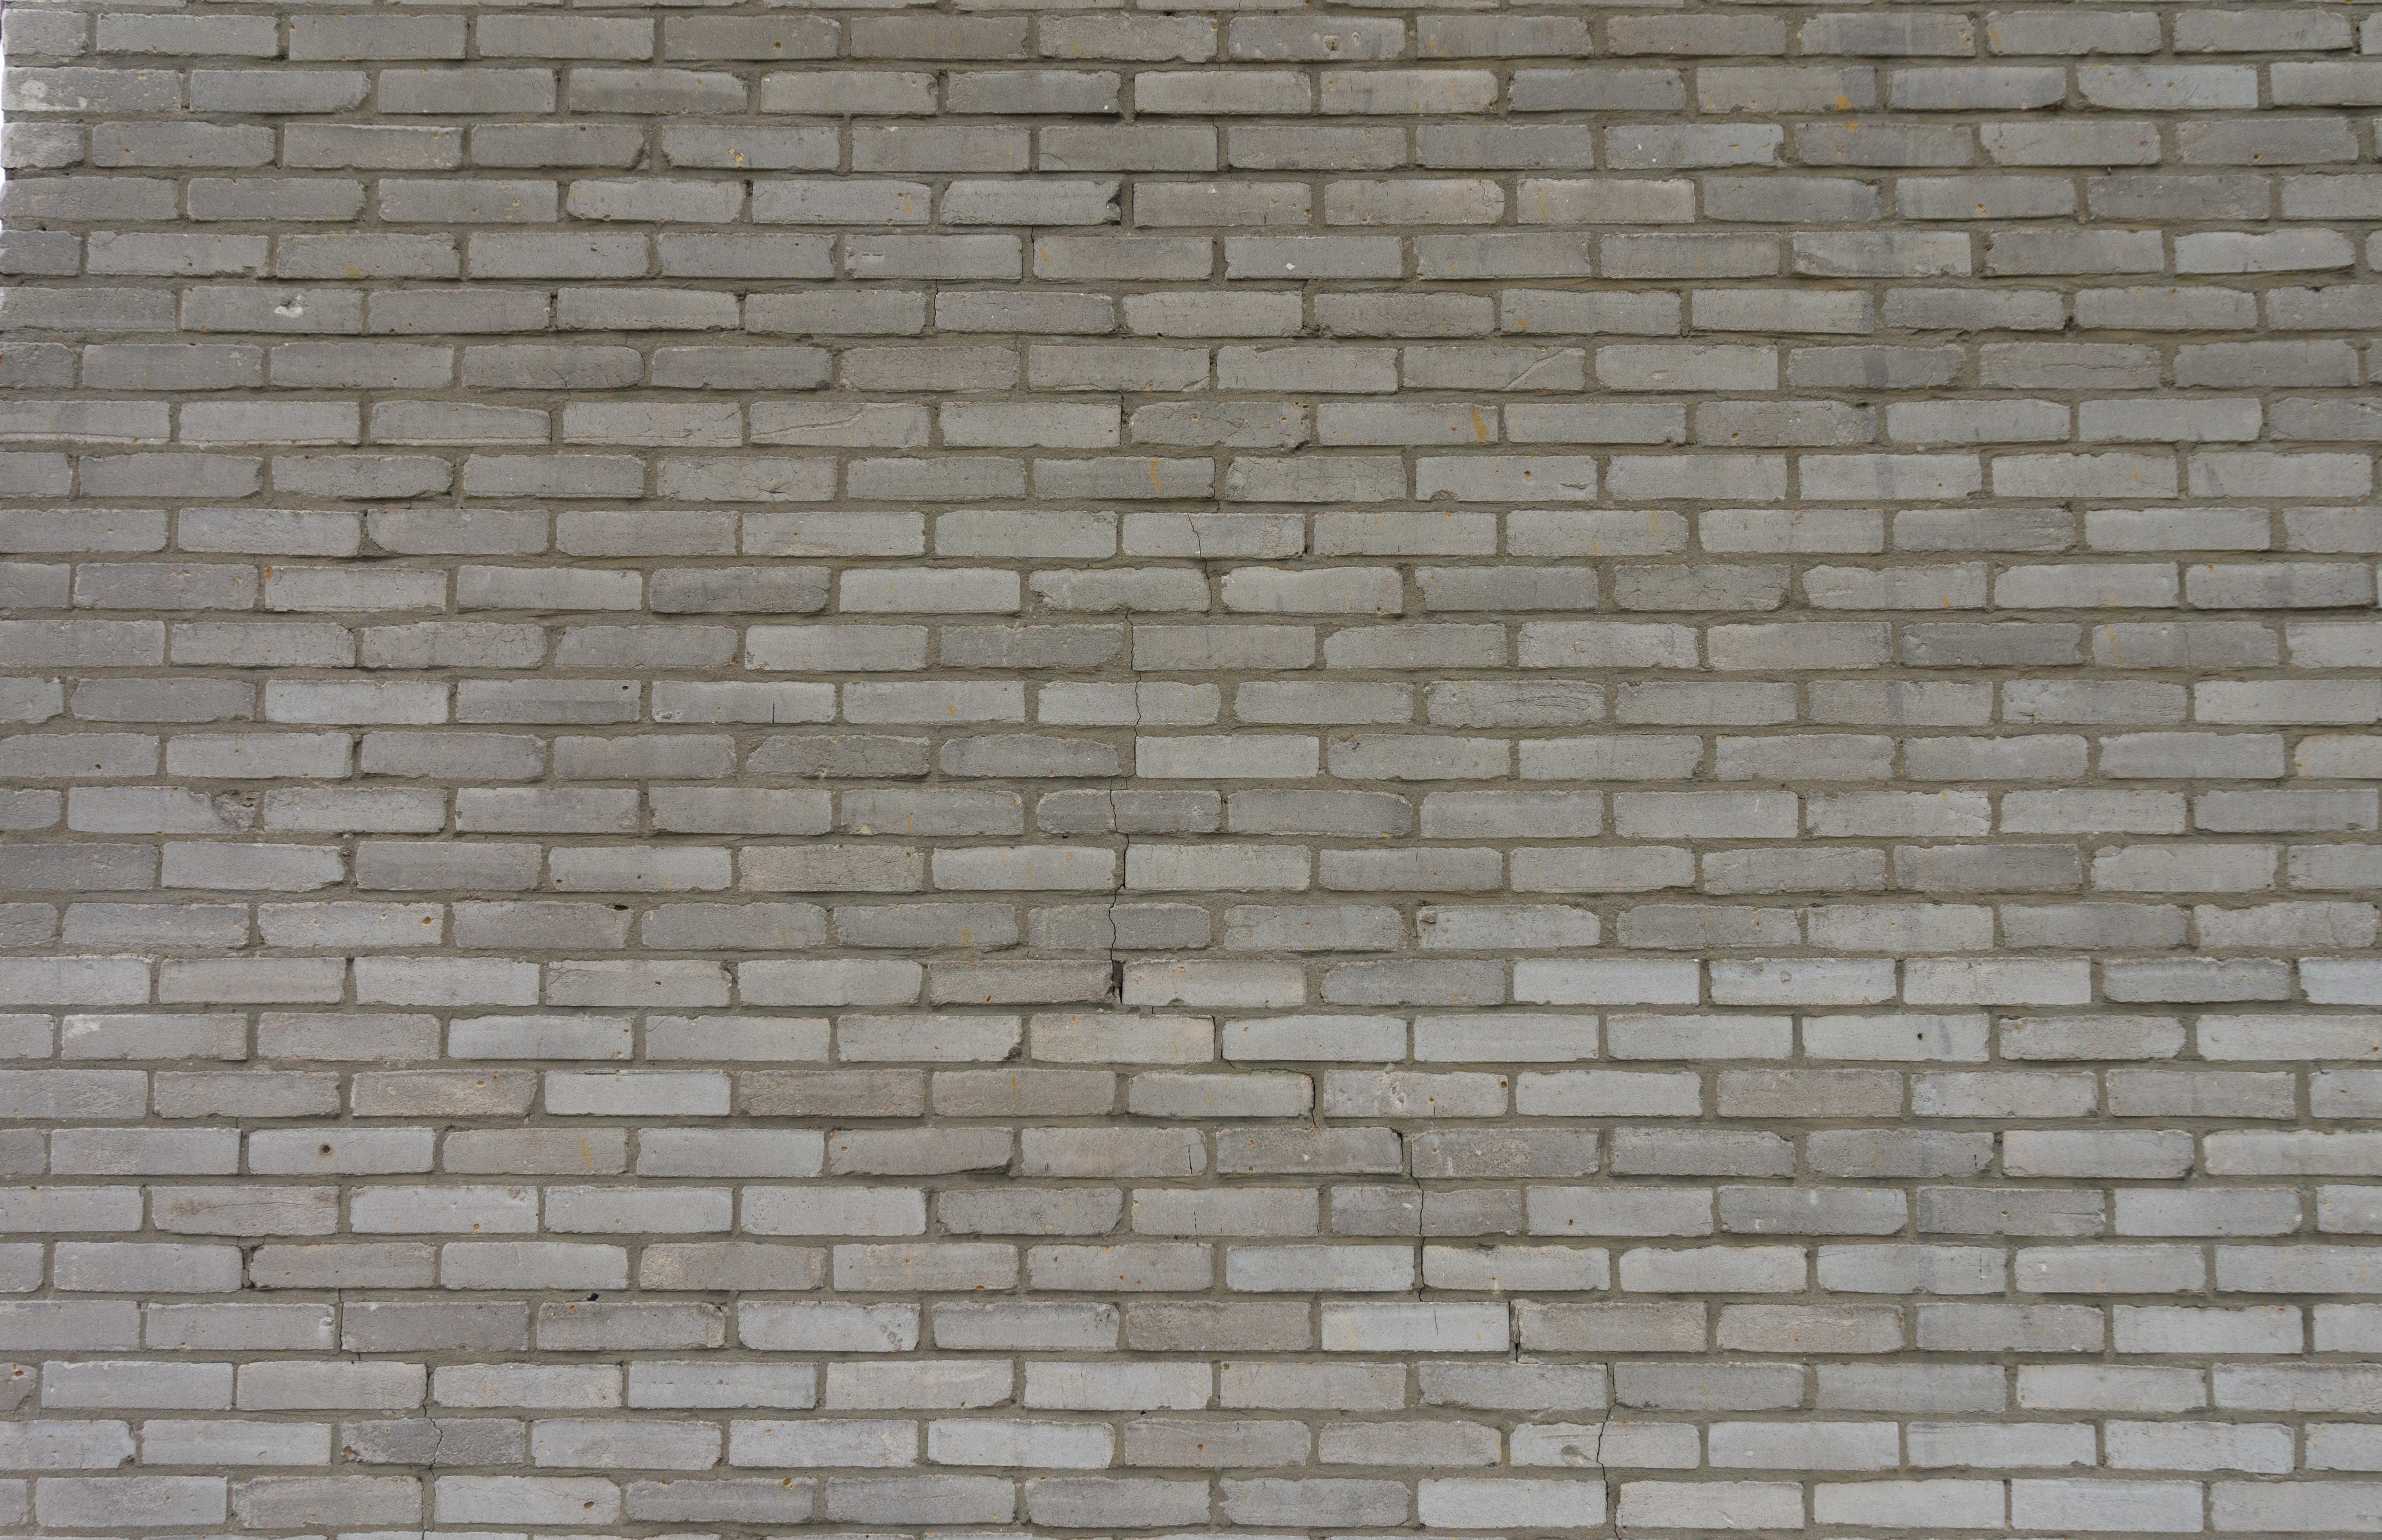 Regular City Brick - Bricks - Texturify - Free textures